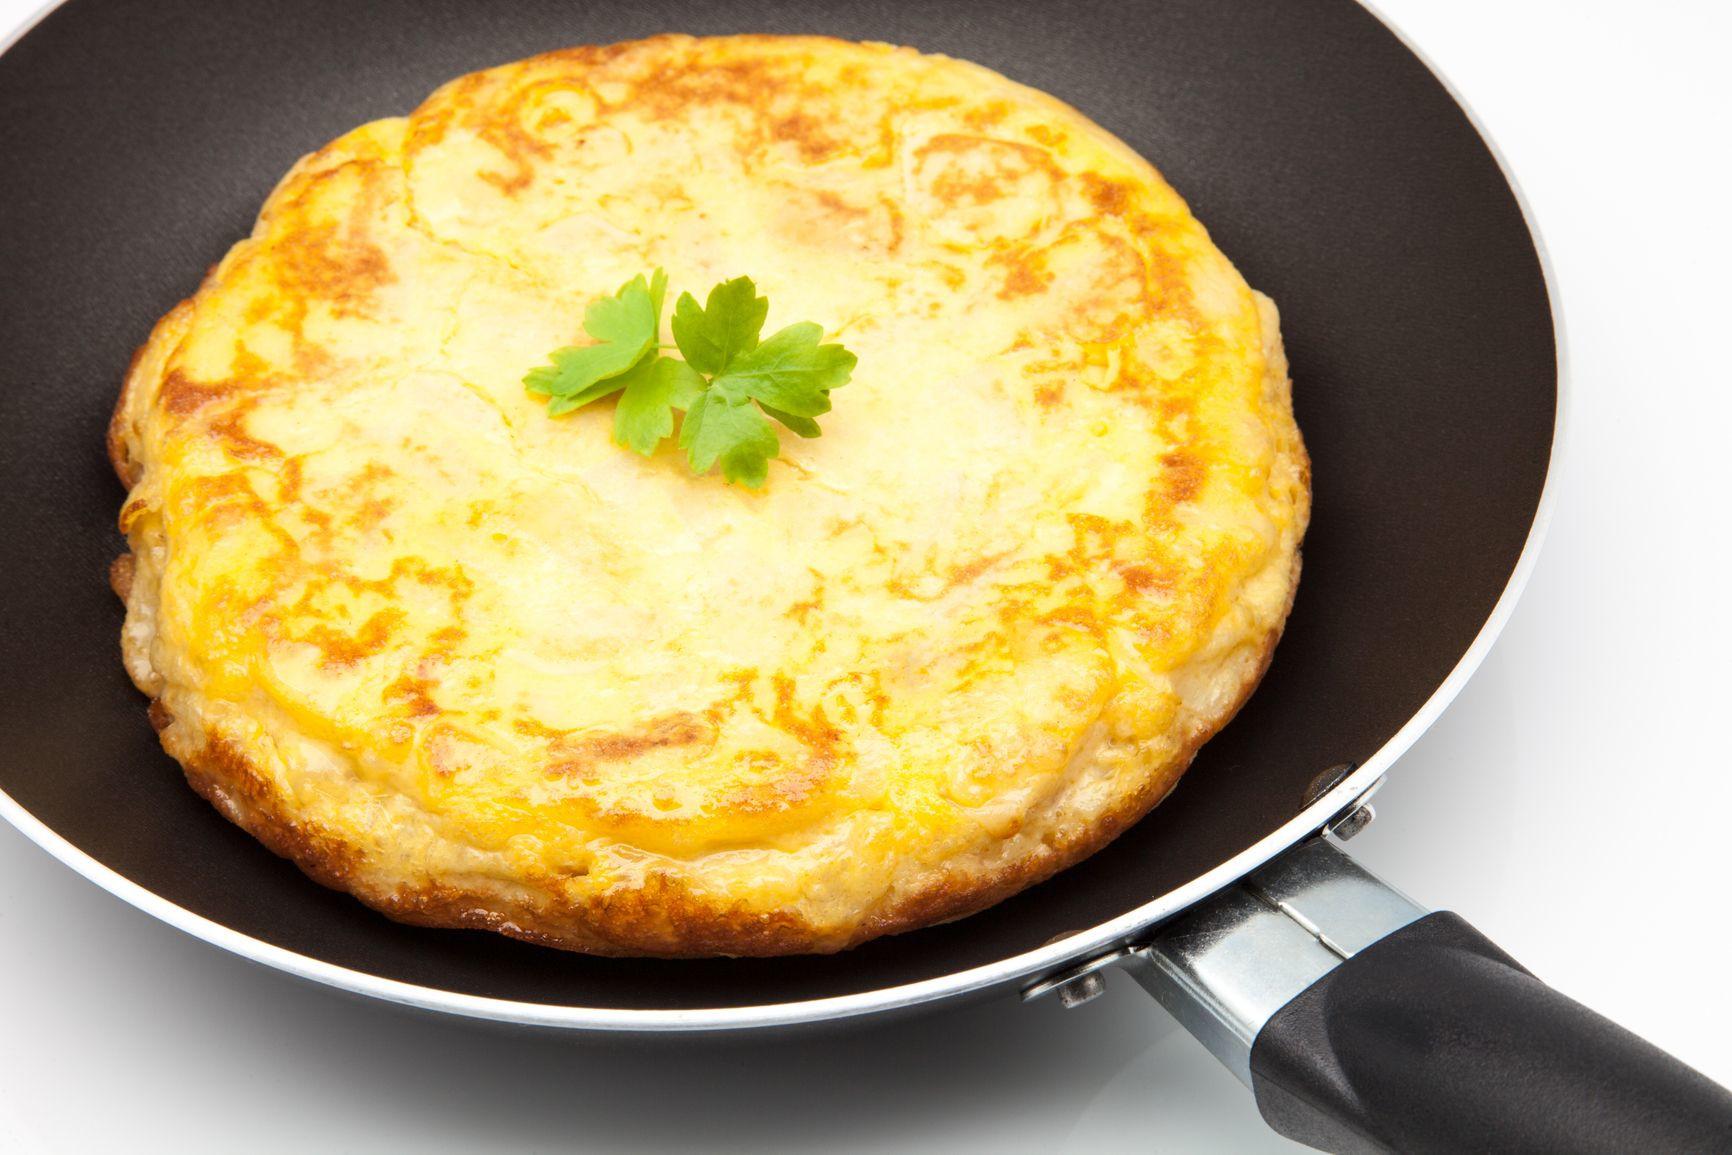 Receitas de Omelete Diferentes Para Dietas Pinterest.com emagrecer